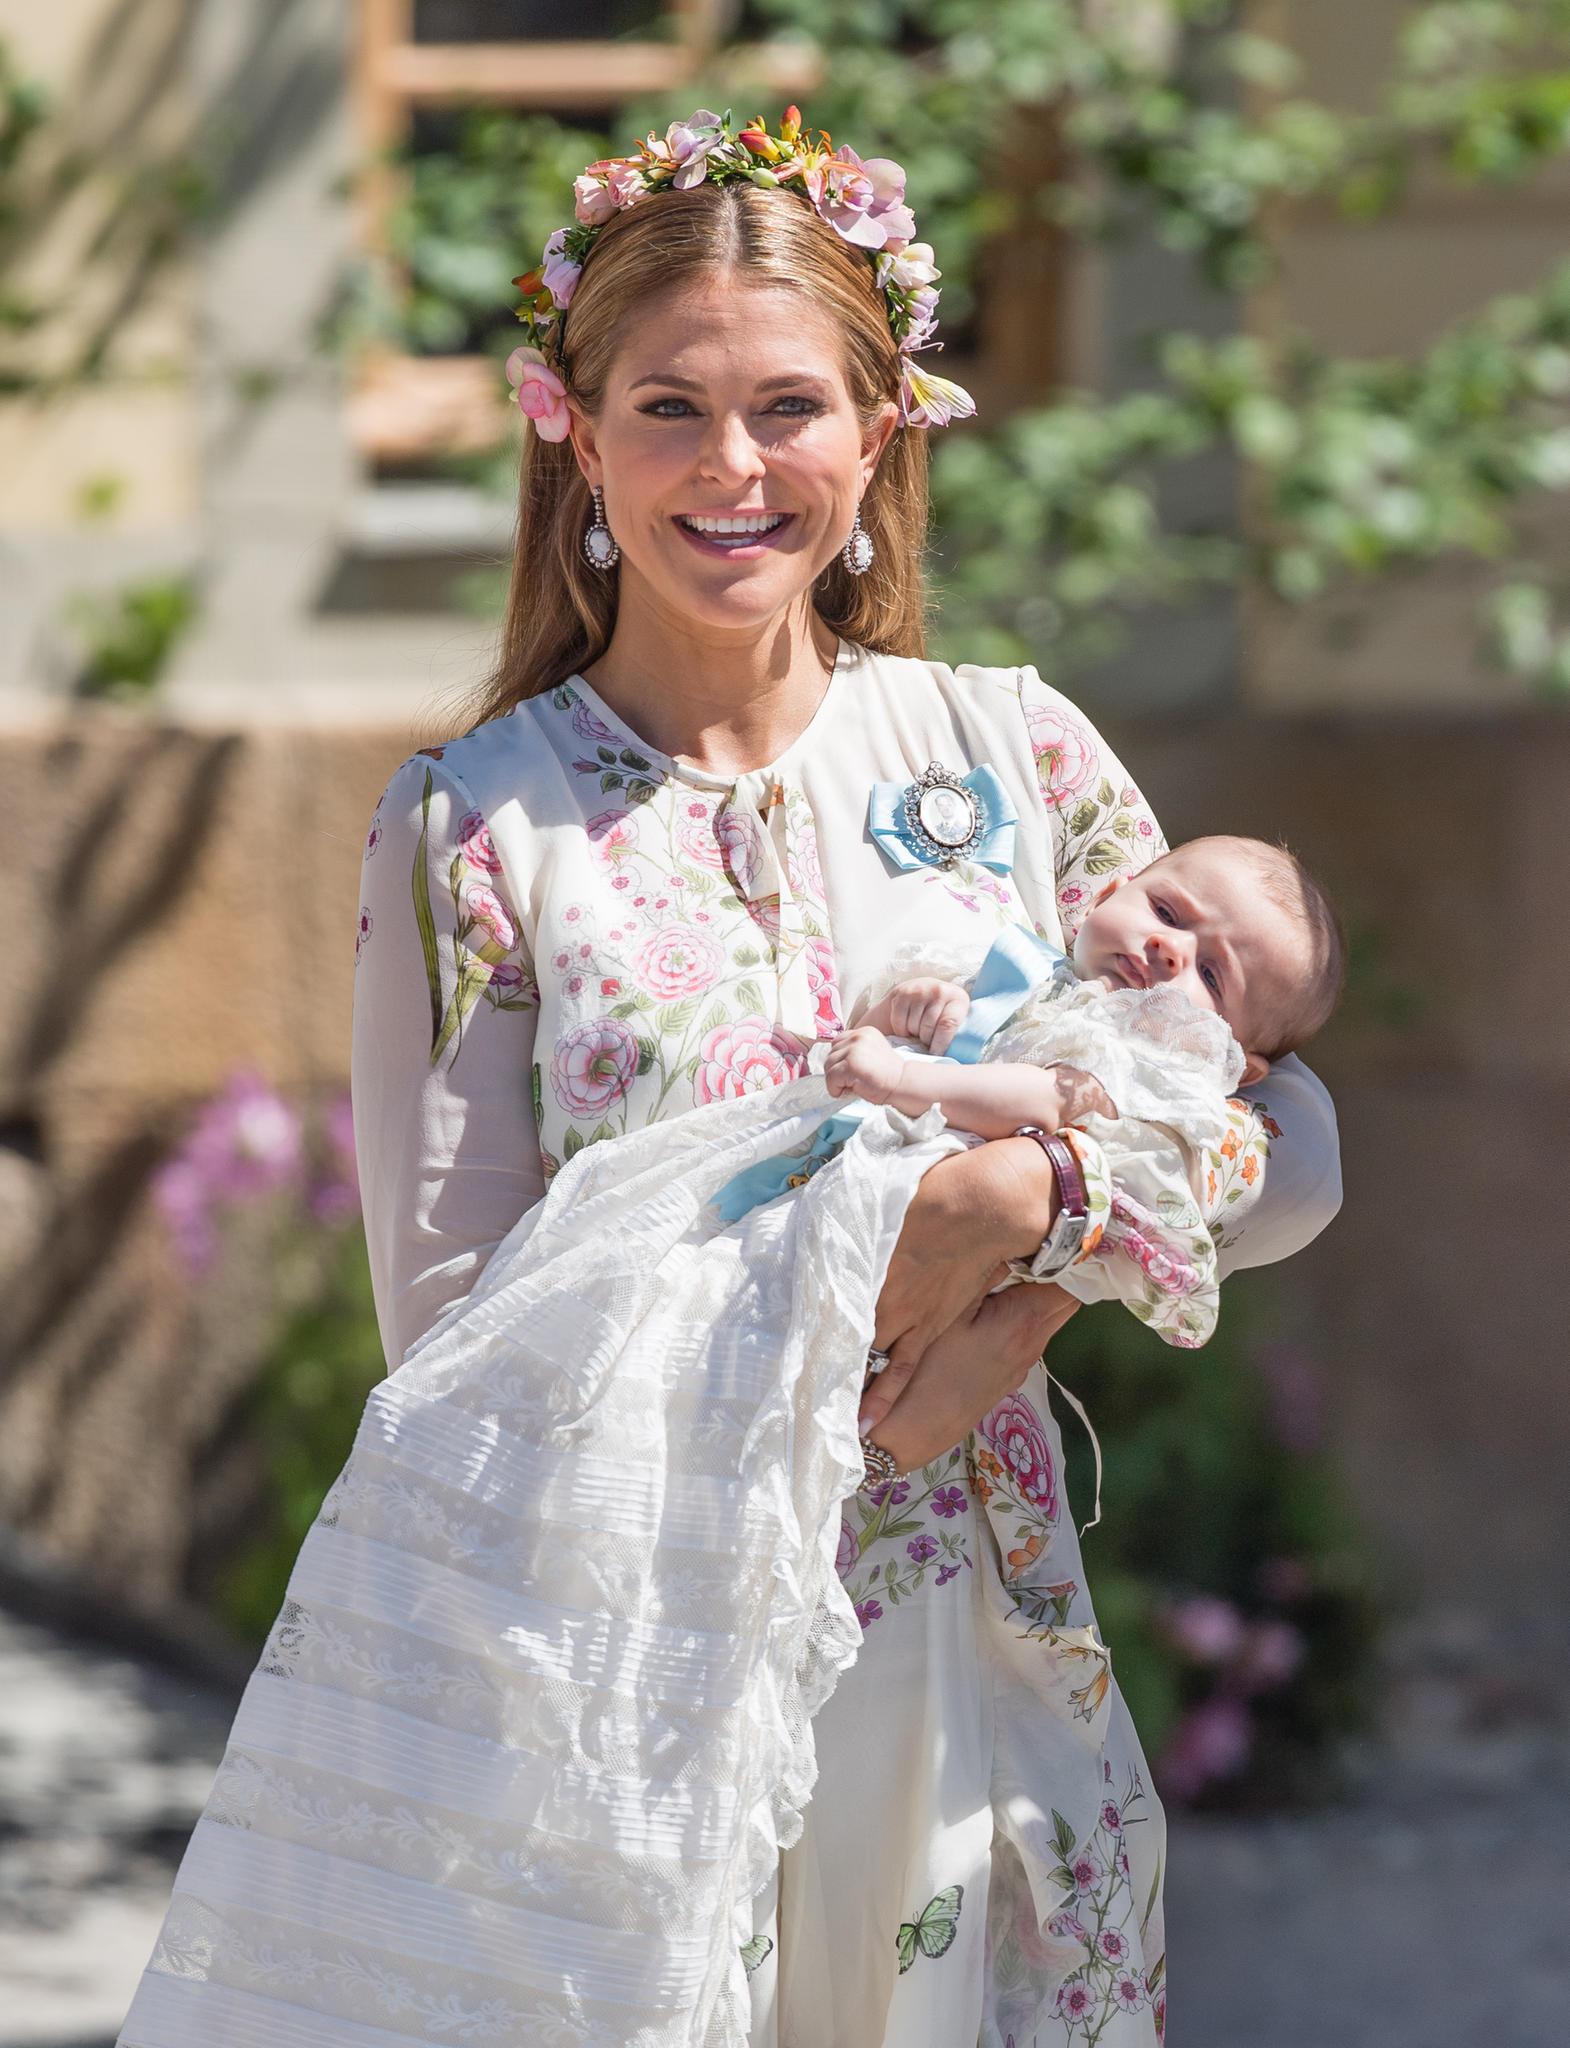 Prinzessin Madeleine mit ihrer jüngsten Tochter Adrienne. Im rosafarbenen Blumenkleid mit passendem Haarkranzstrahlt sie mit der Sonne um die Wette.